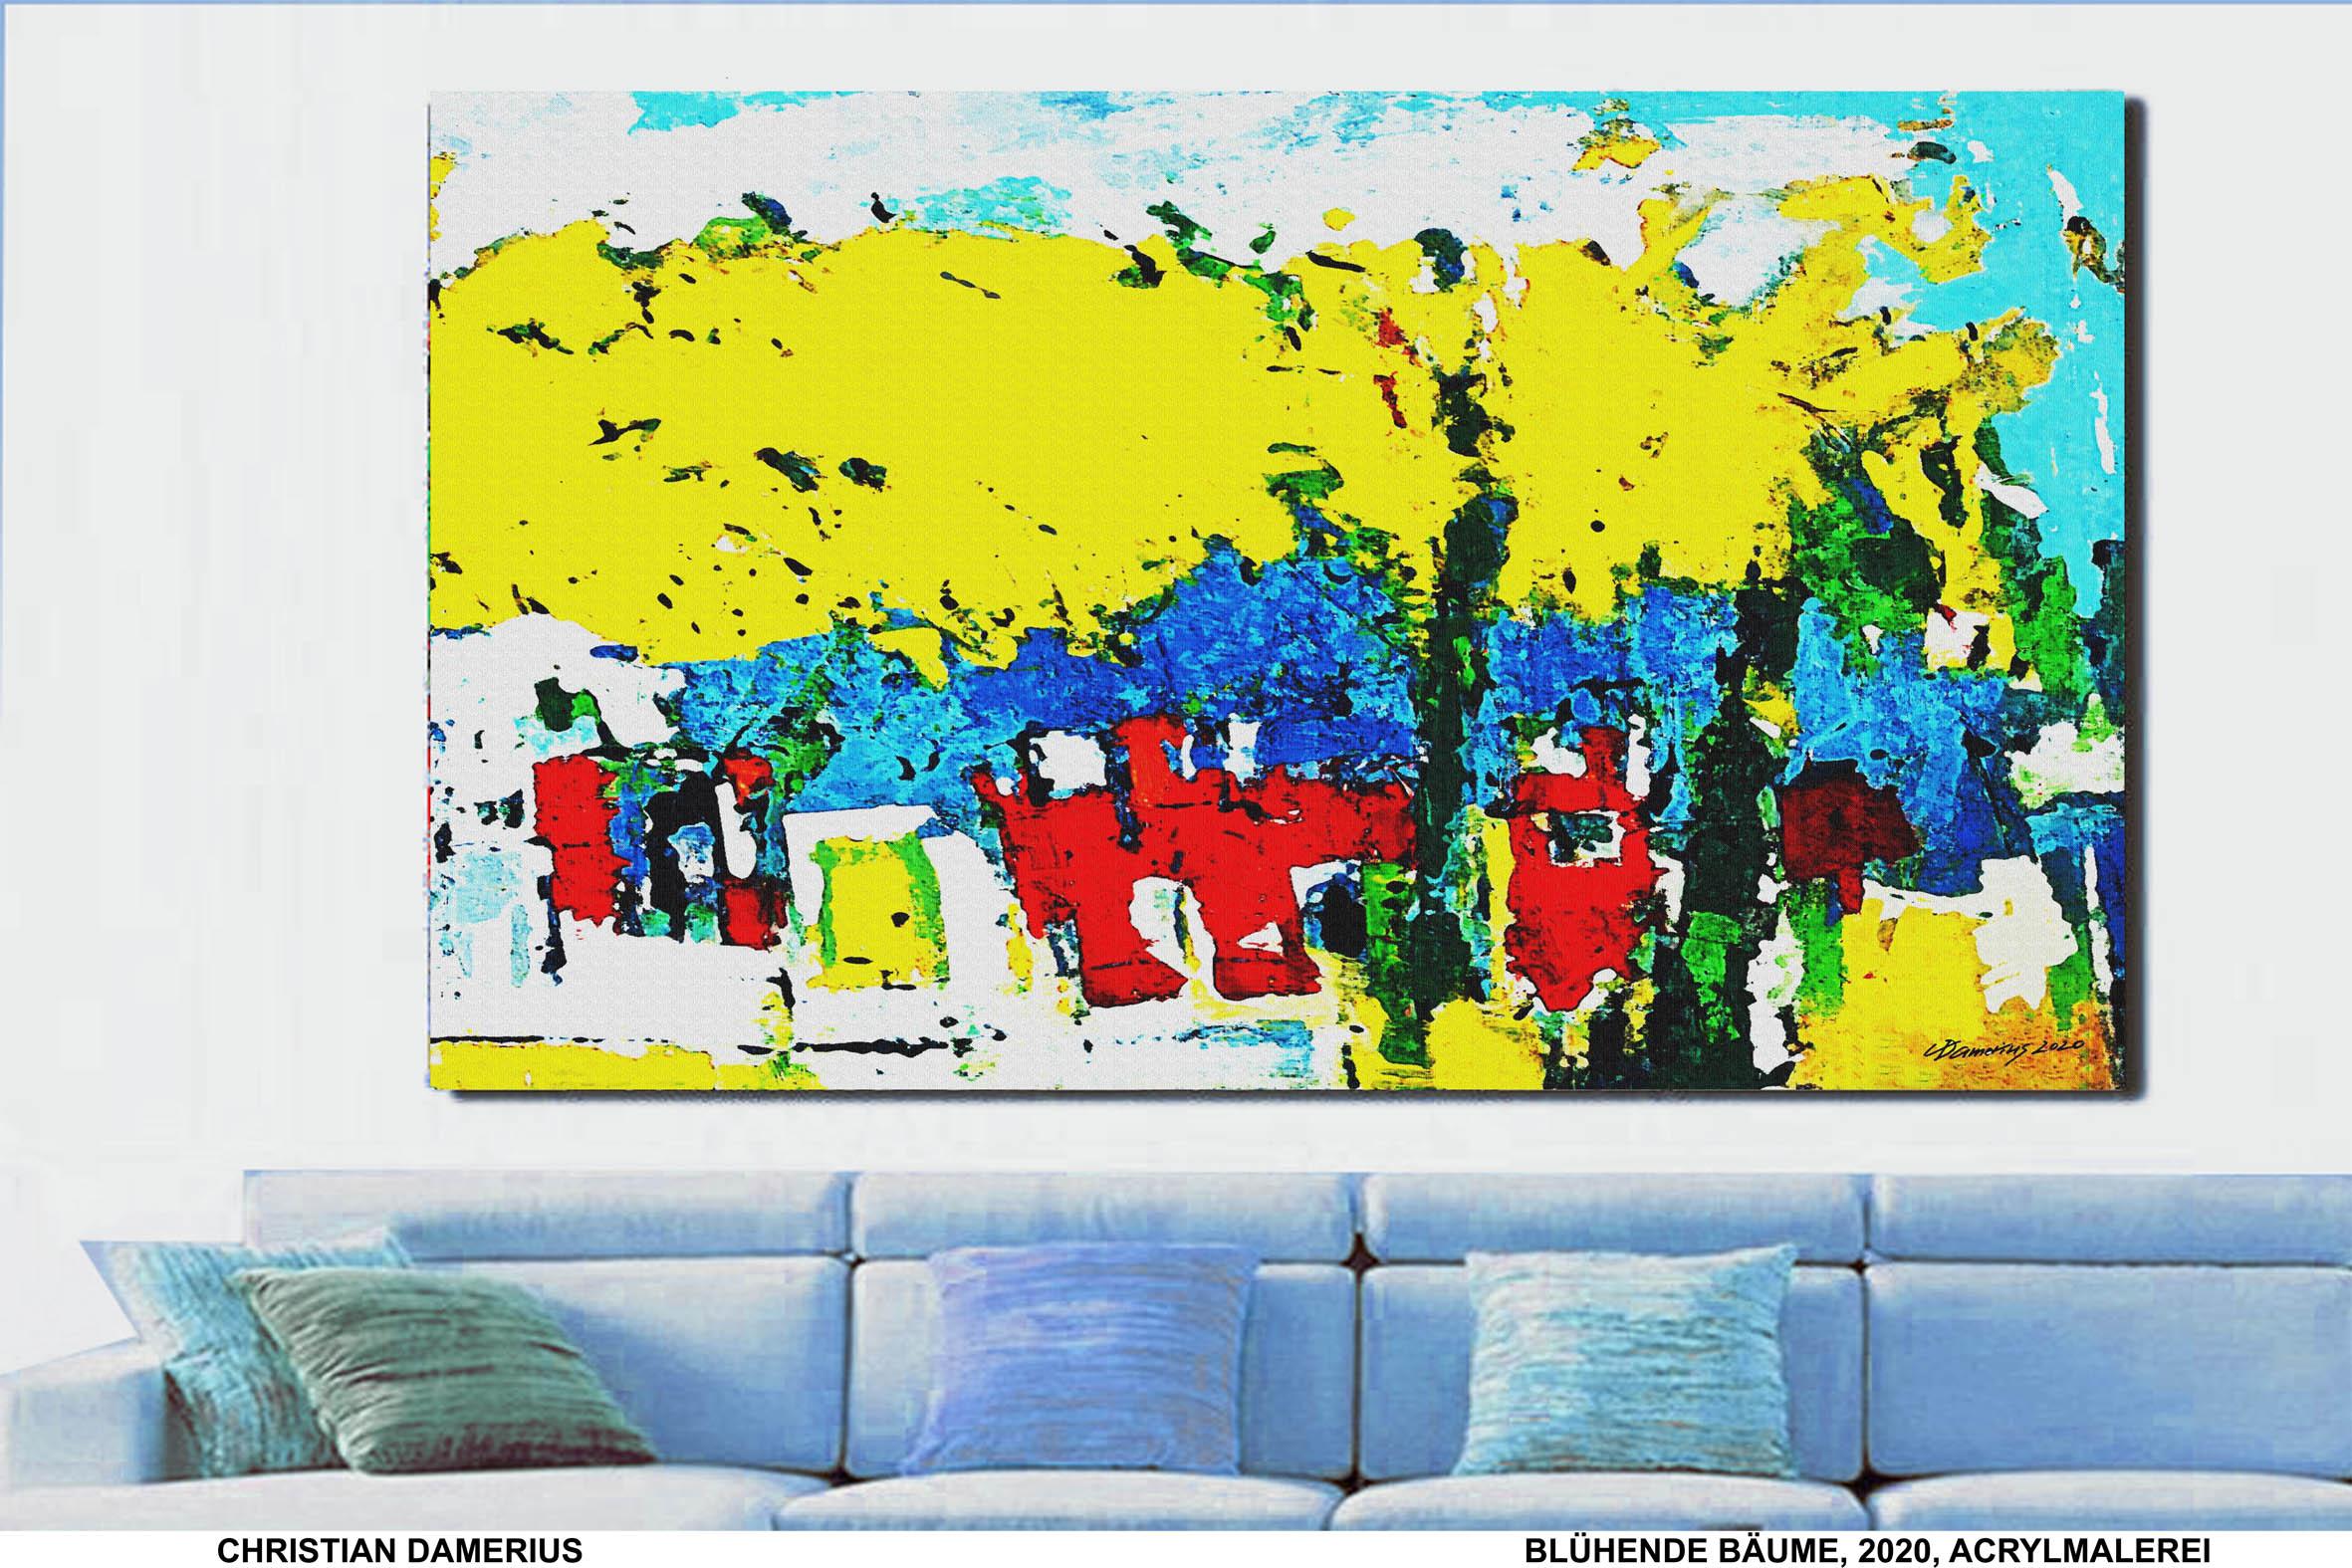 blühende bäume,christian damerius,gemälde,kunstdrucke,landschaftsmalerei,landschaften,moderne deutsche landschaftsmalerei,bekannte moderne deutsche maler,bilder für wohnräume,wohnzimmer,büro,arbeitsplatz,